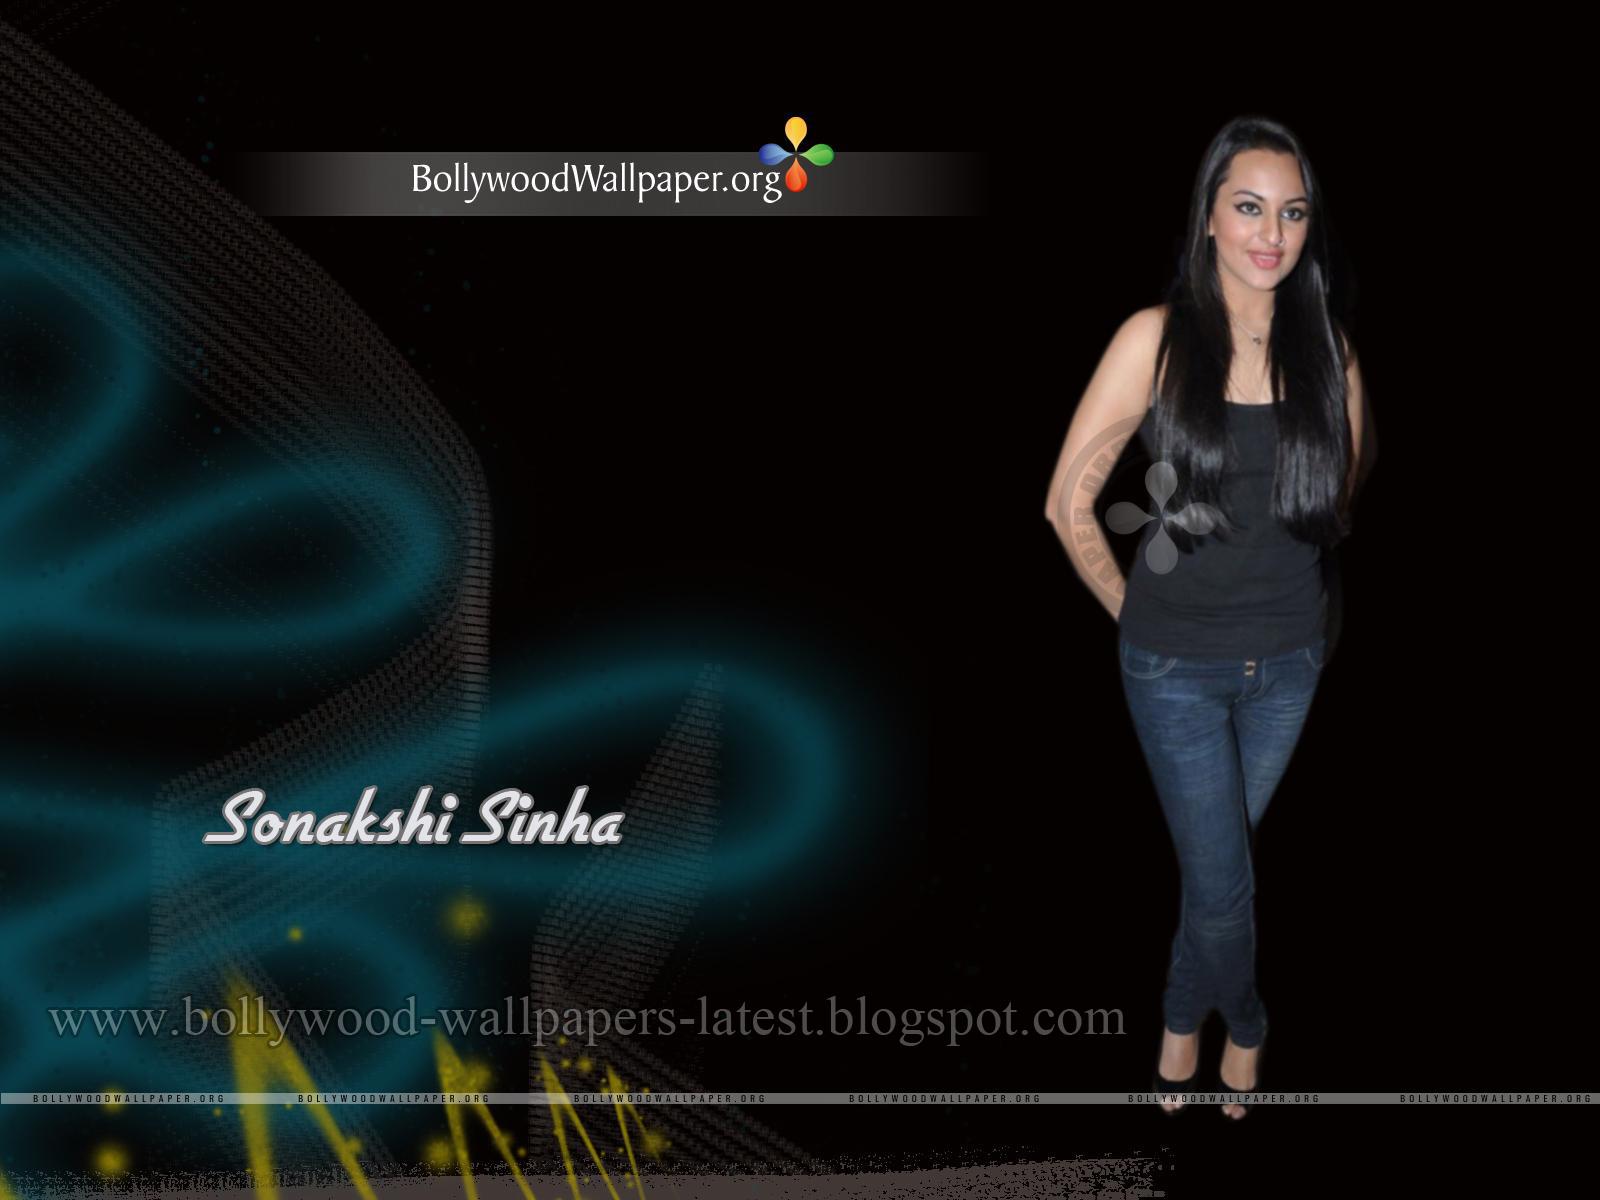 http://1.bp.blogspot.com/-xPu5iUUg1T0/TpBEjZimlkI/AAAAAAAAA-c/Cdh_PazfhF4/s1600/actress_sonakshi+8.jpg